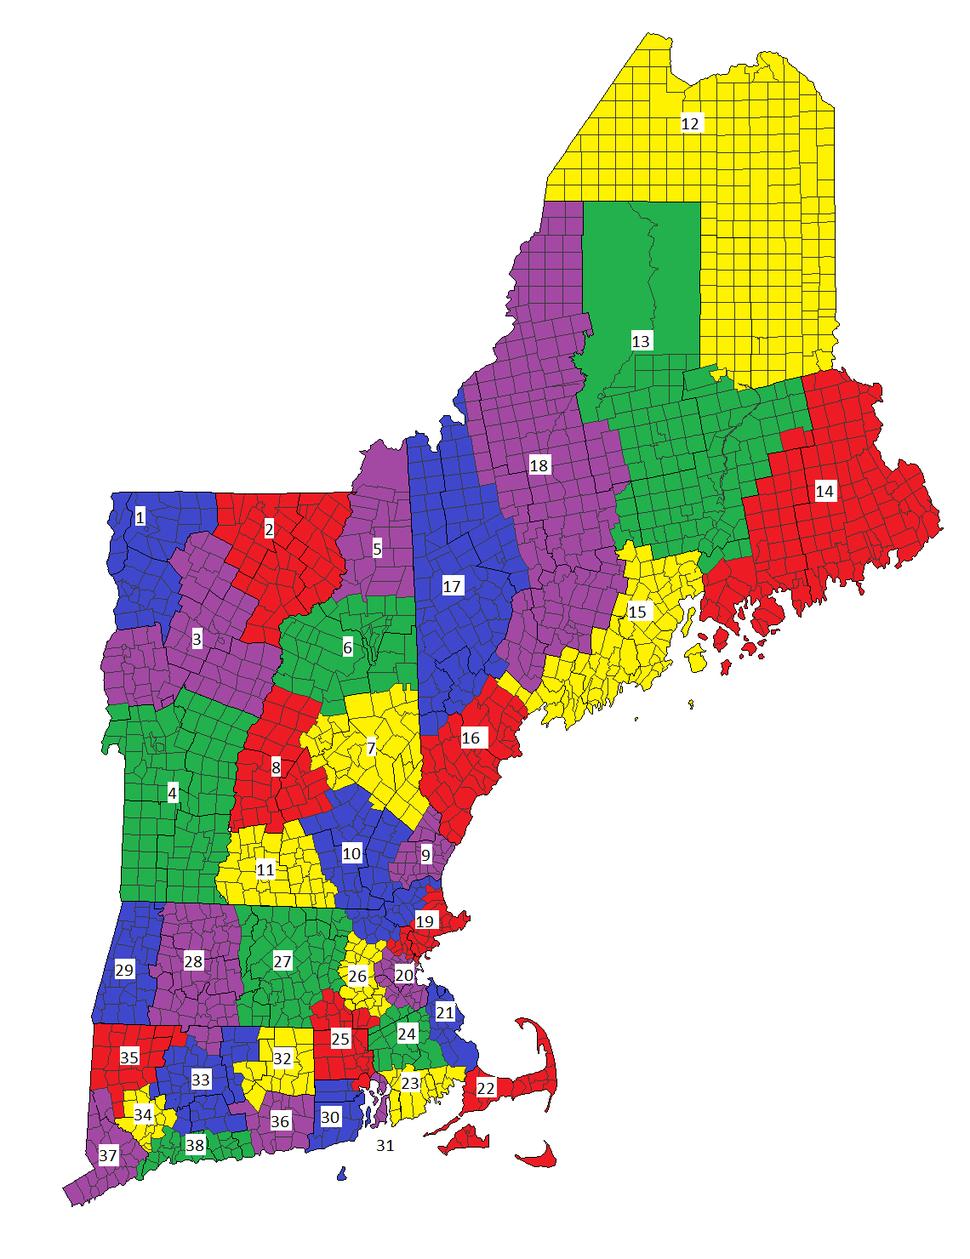 Regions of NE cropped